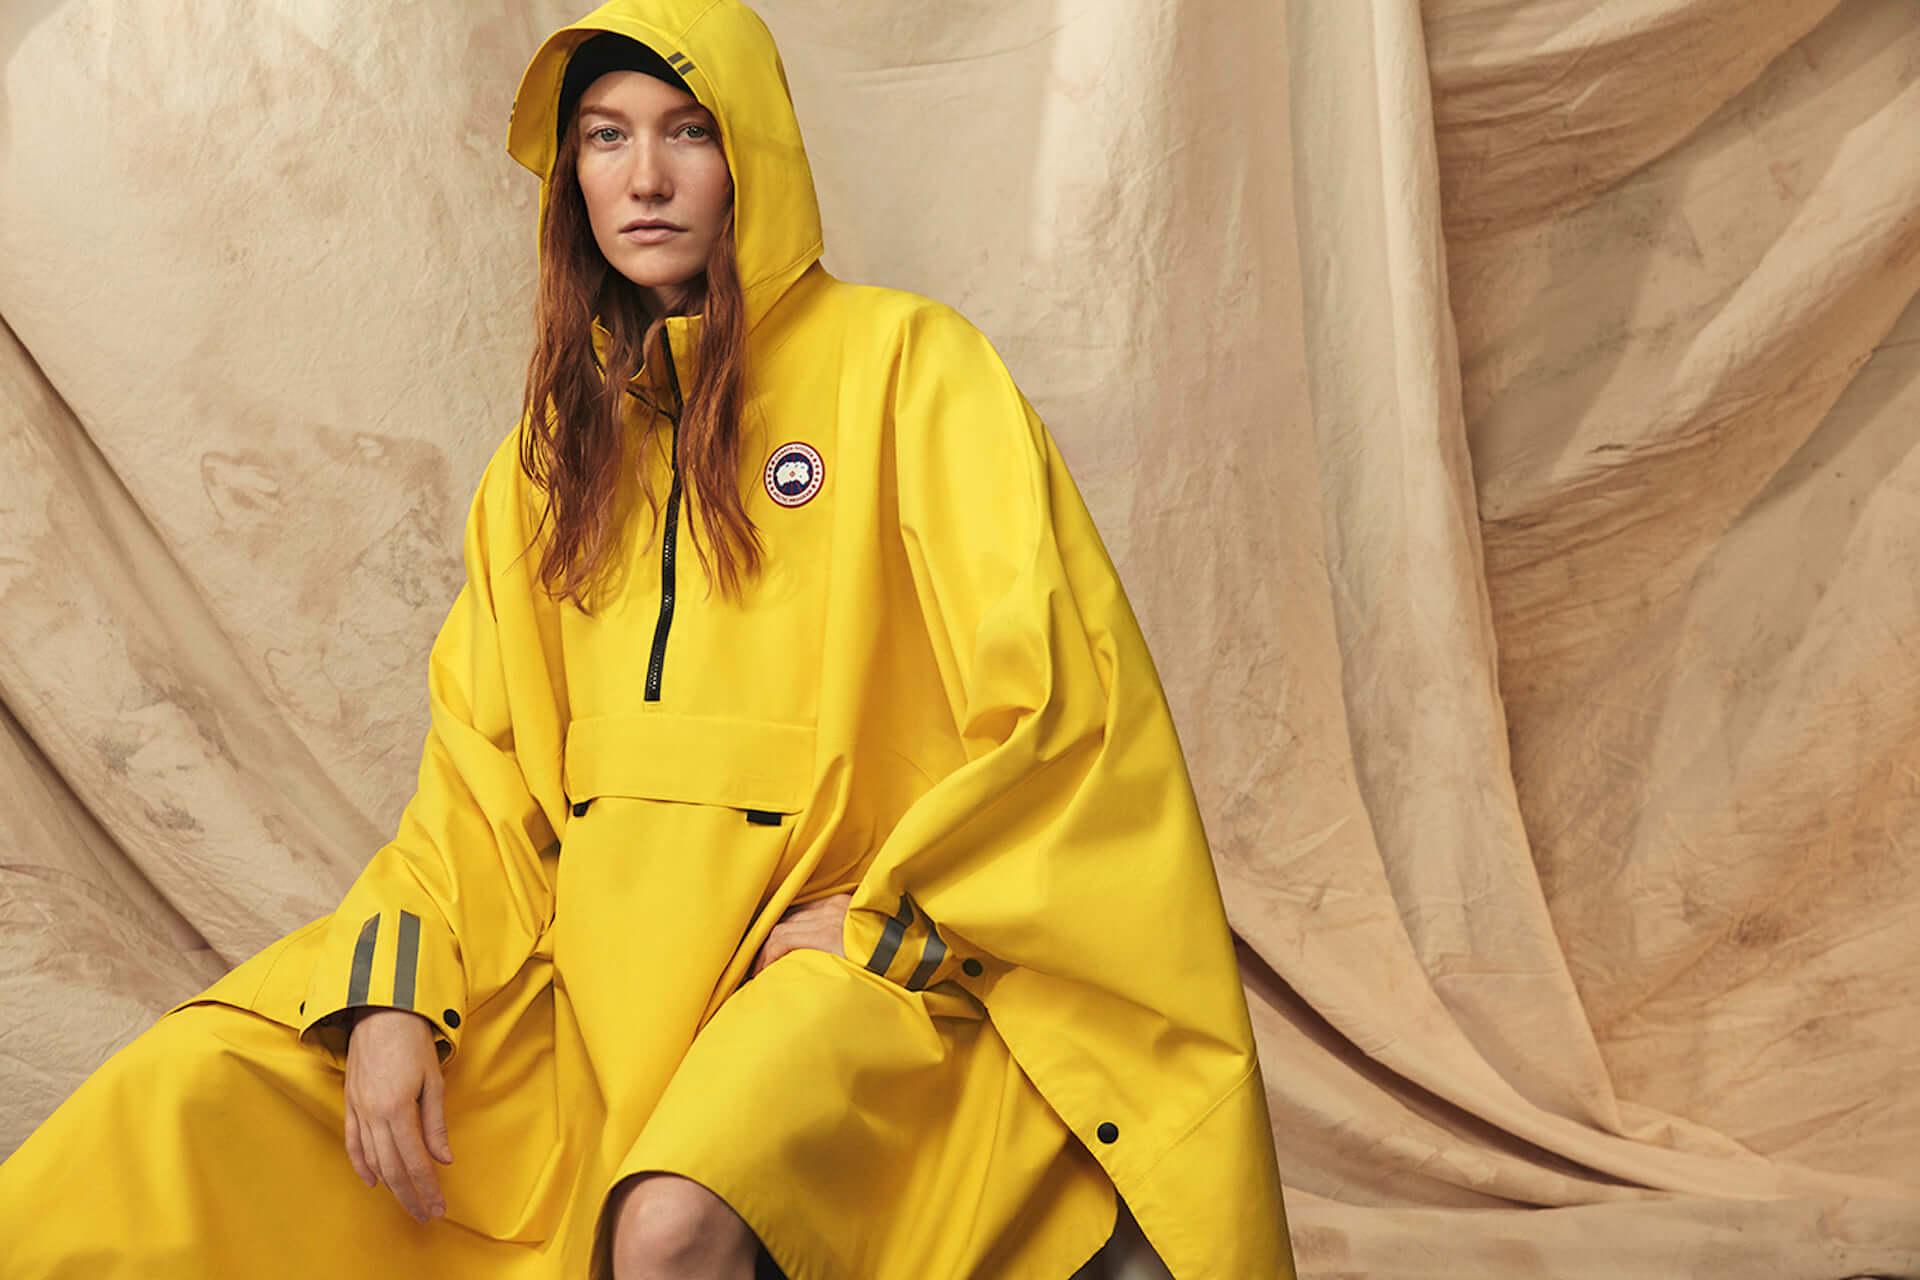 カナダグースの2020年春コレクションにイエローのレインウェアが登場!急な雨にも対応するポンチョ&ジャケット lf200417_-canadagoose_1-1920x1280